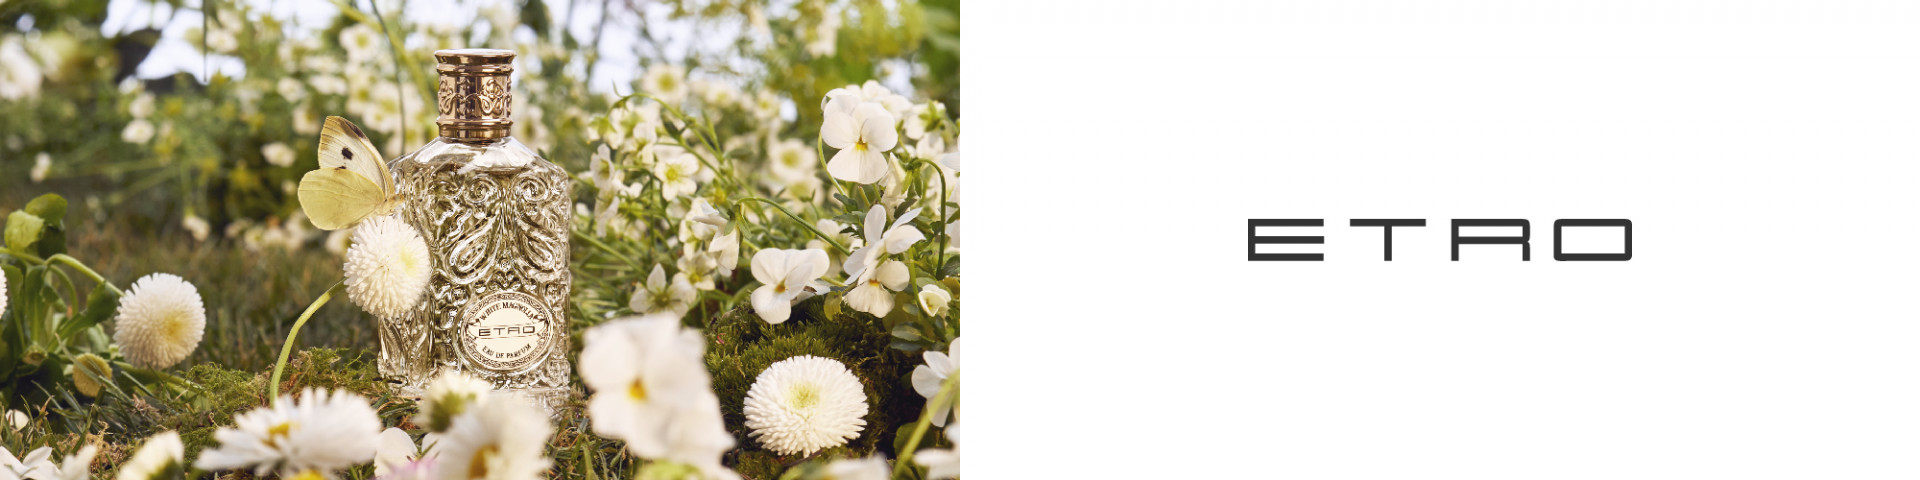 NEW Etro White Magnolia